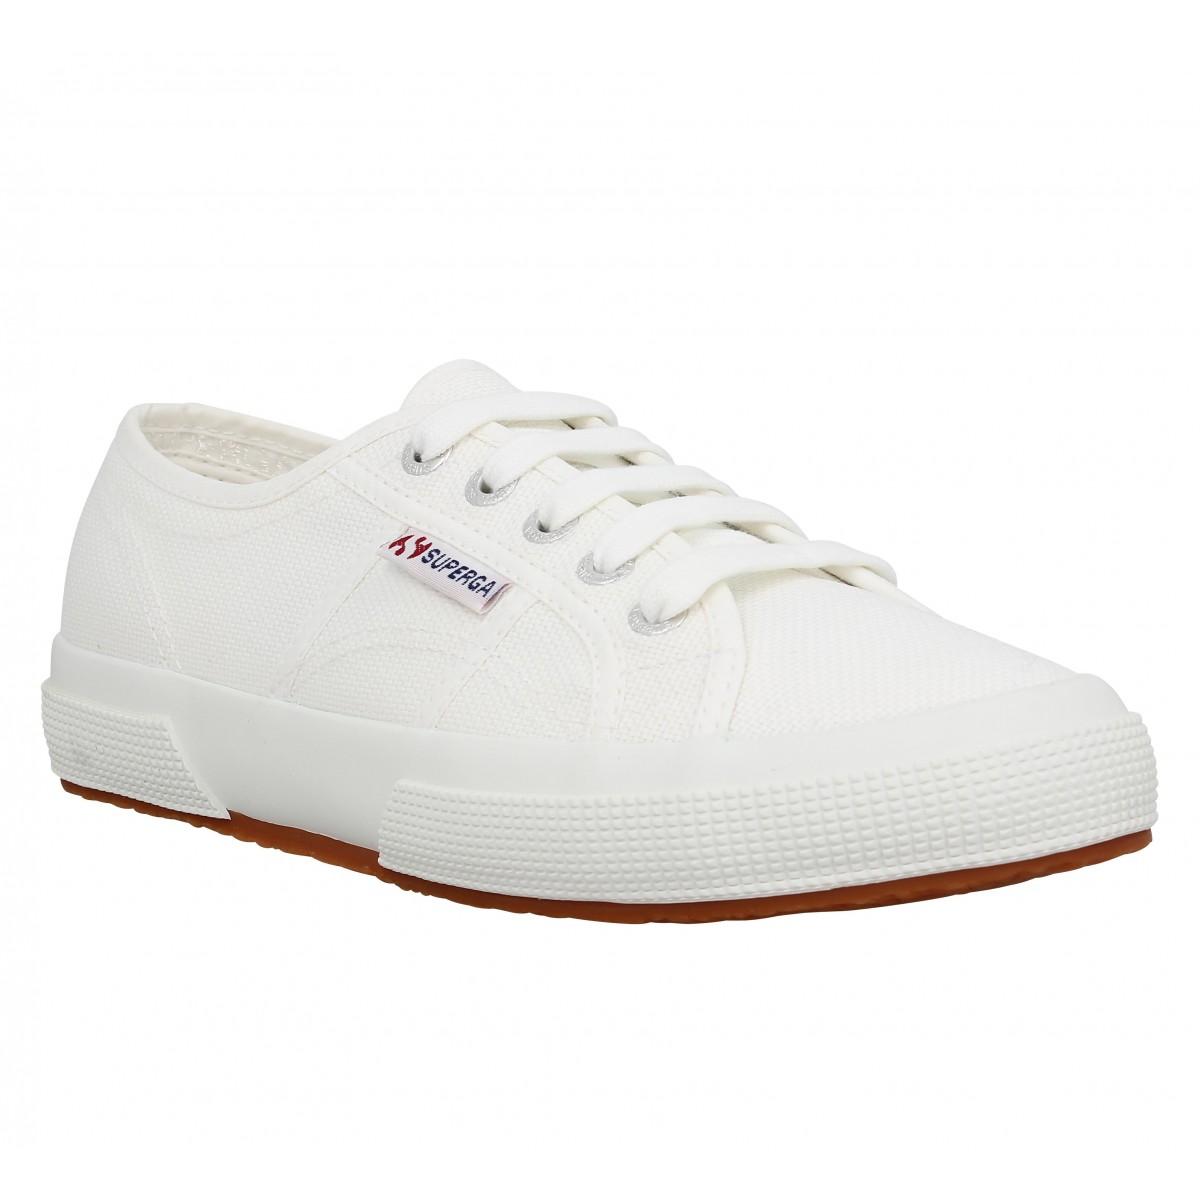 Superga Marque 2750 Homme-45-blanc